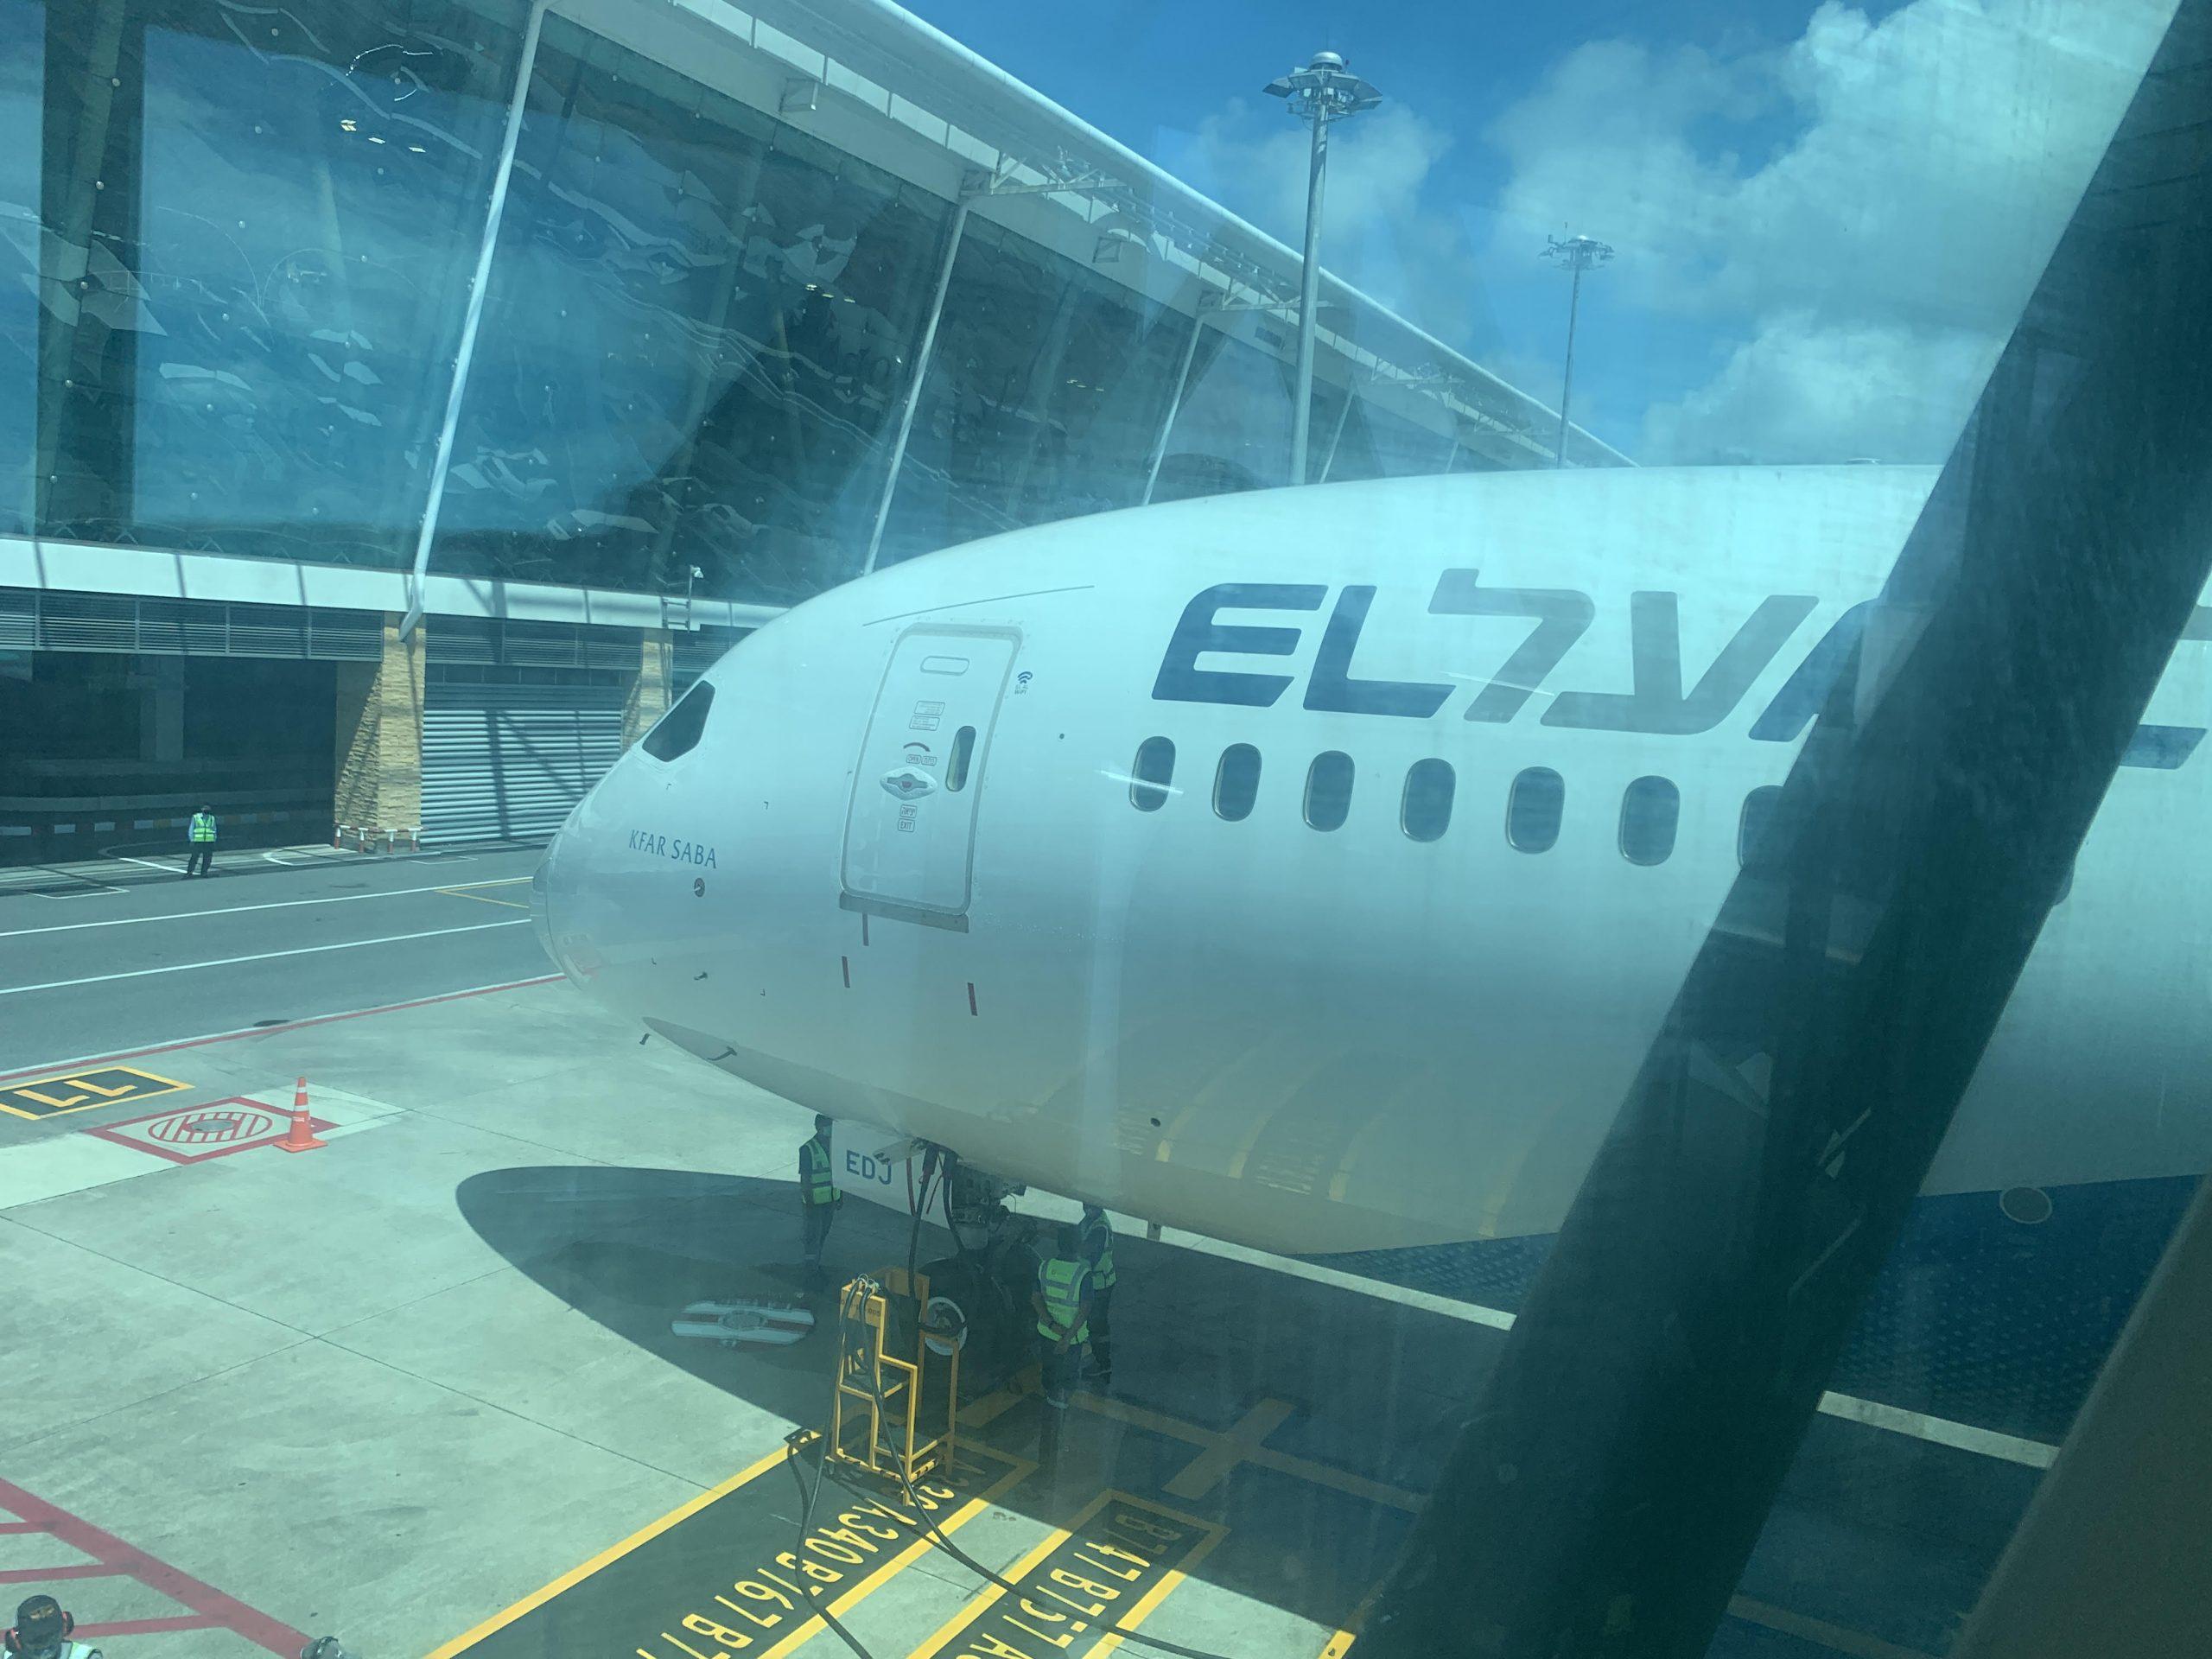 טיסת הבכורה של אל-על לפוקט מעוררת ענין רב בתאילנד